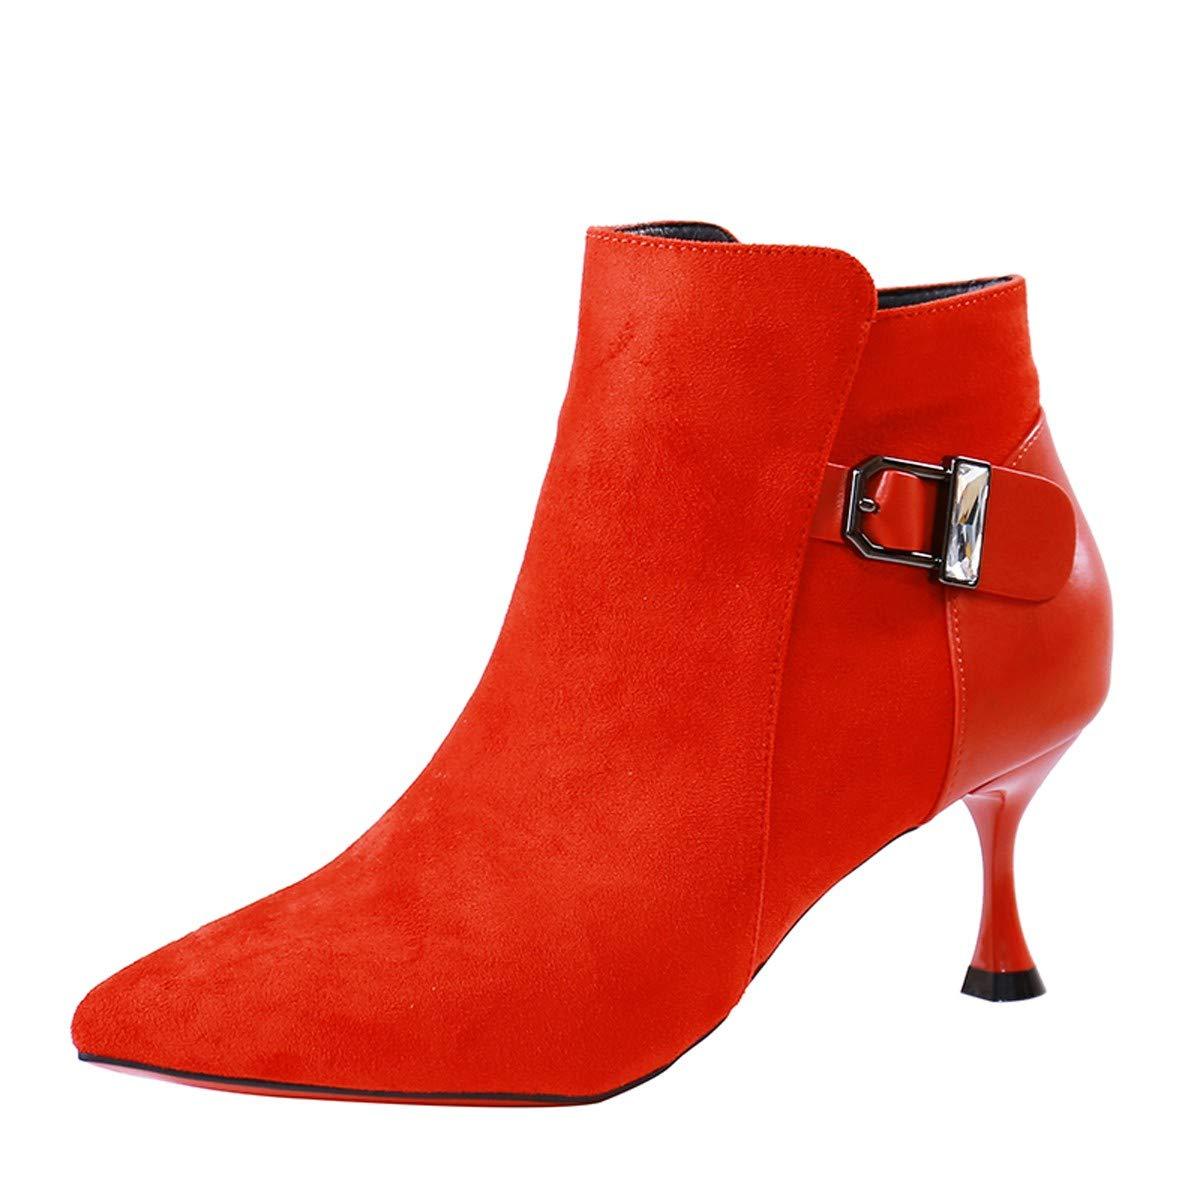 LBTSQ-Temperament Patchwork Wildleder Das Darauf High Heels High Heels 7Cm Mode Gürtelschnallen Reißverschlüsse Stiefel Braut-Schuhe